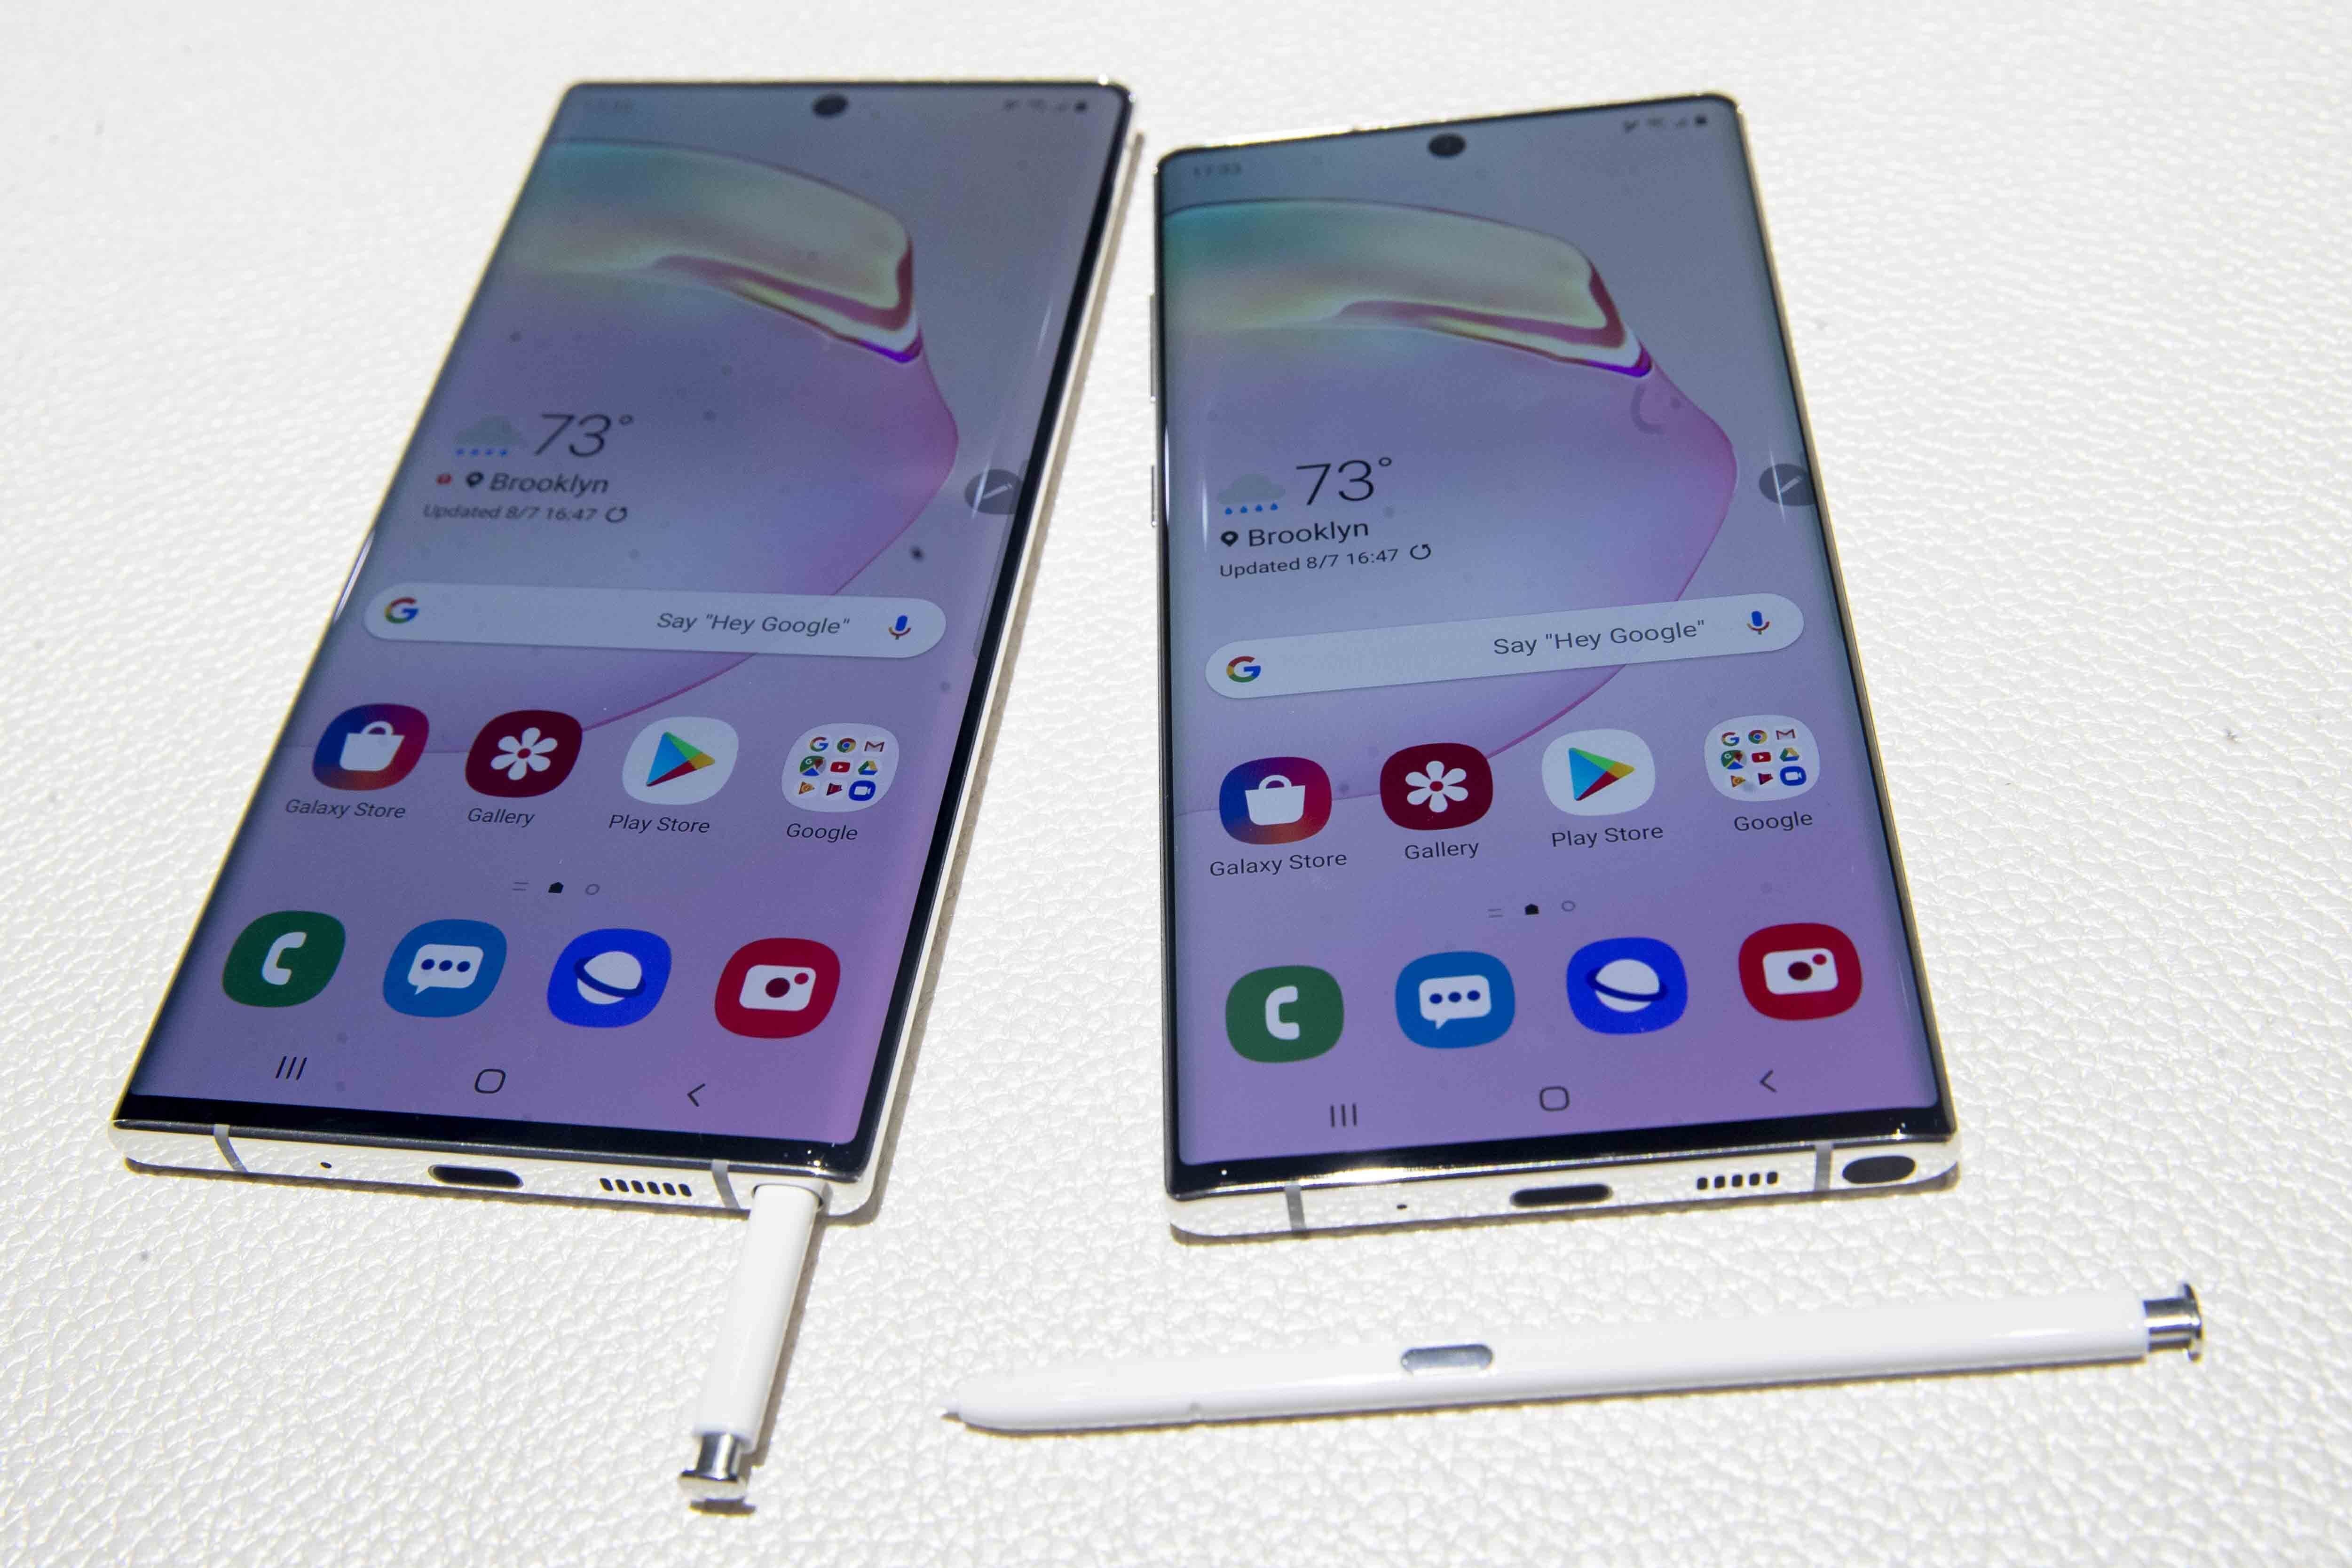 'Any fingerprint' can unlock Samsung's Galaxy 10 device, company say